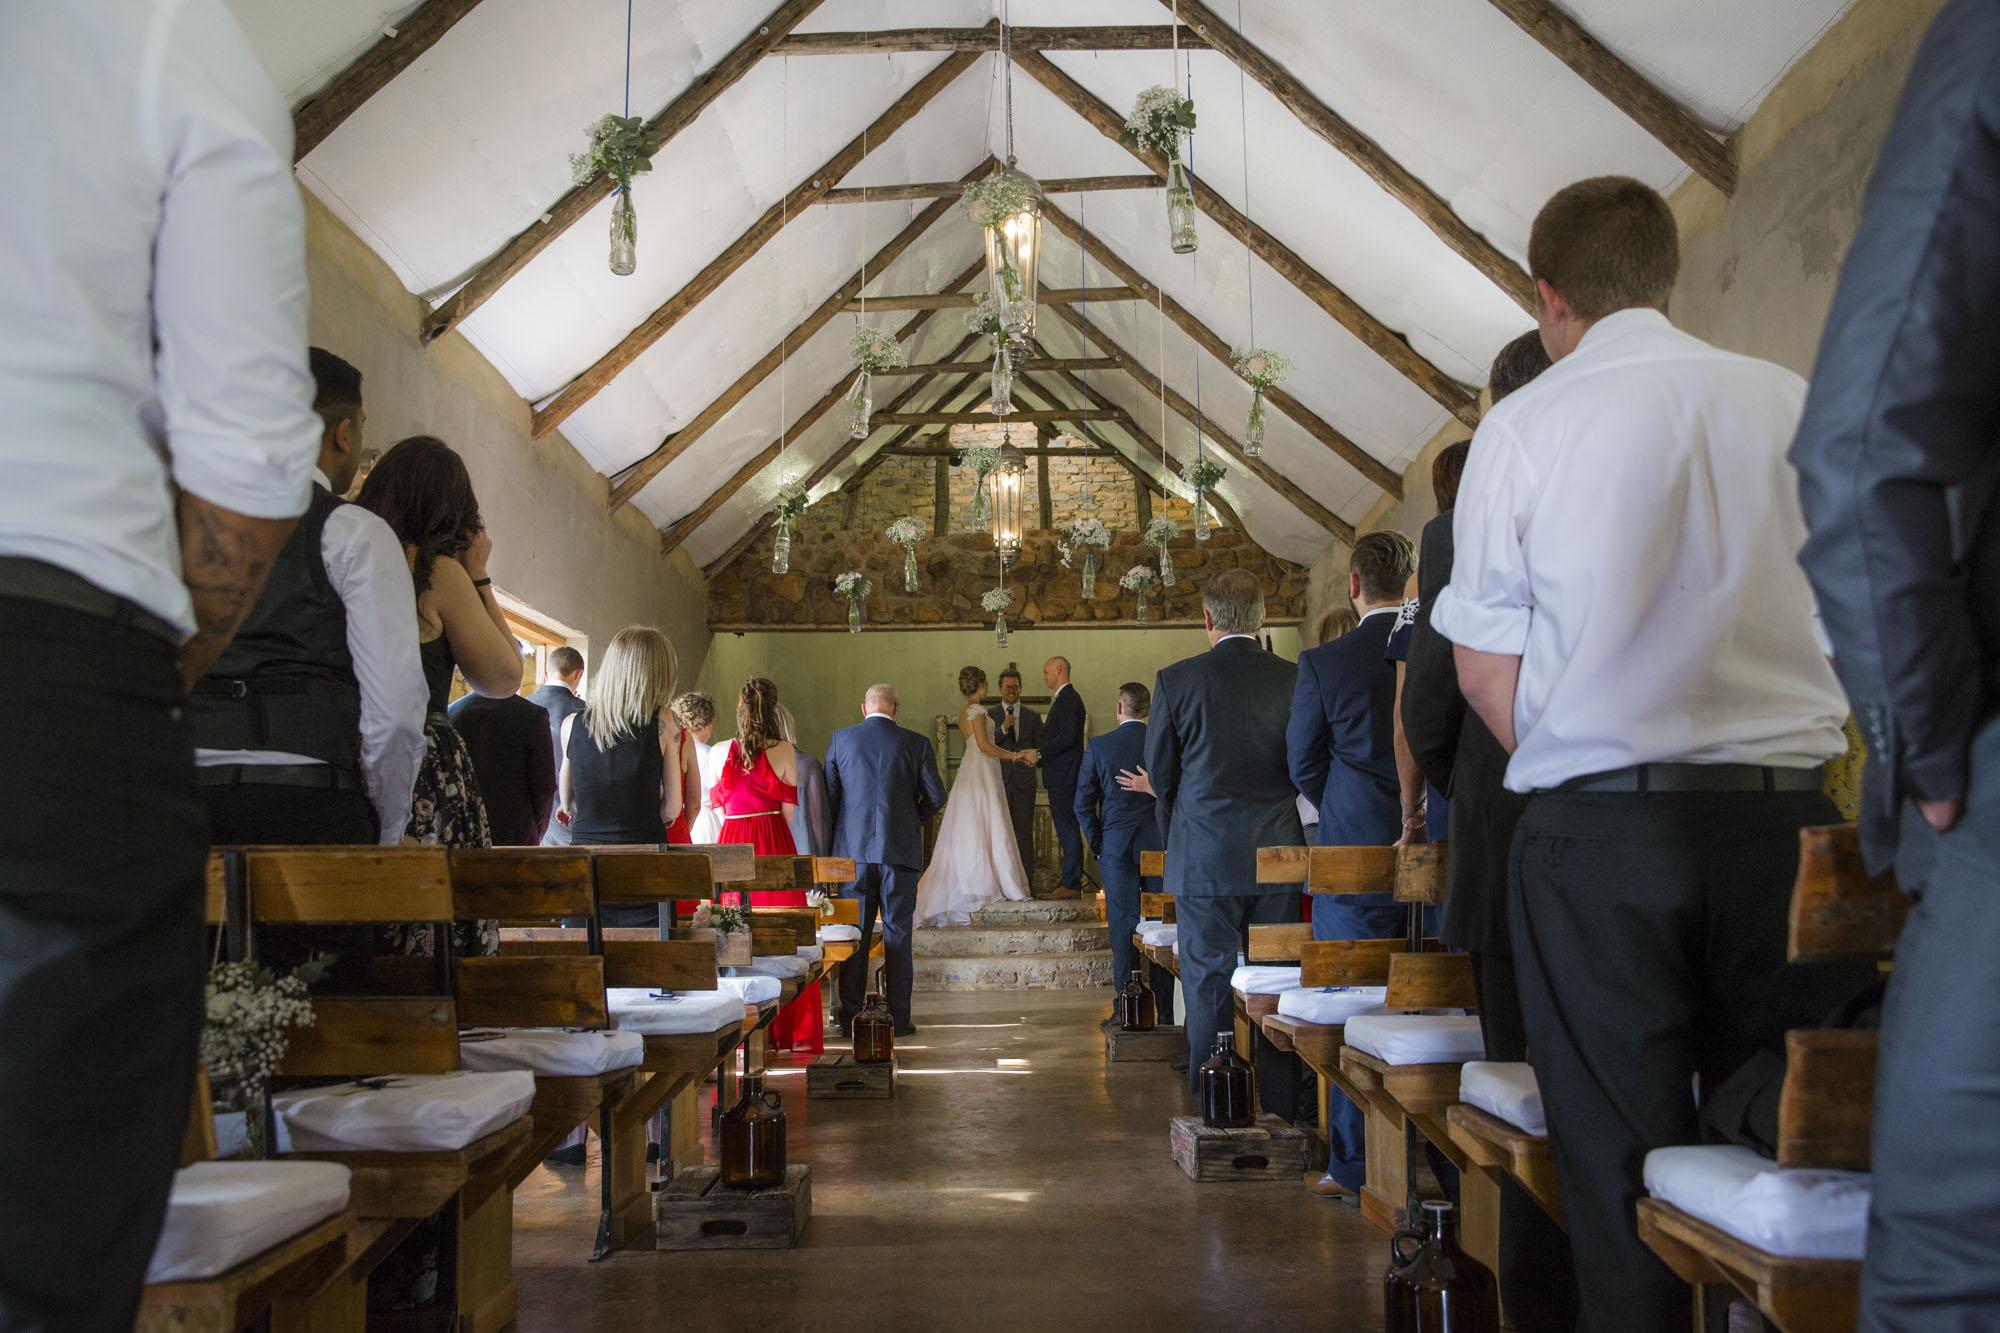 091-pretoria-wedding-photographers091-pretoria-wedding-photographers_a.jpg